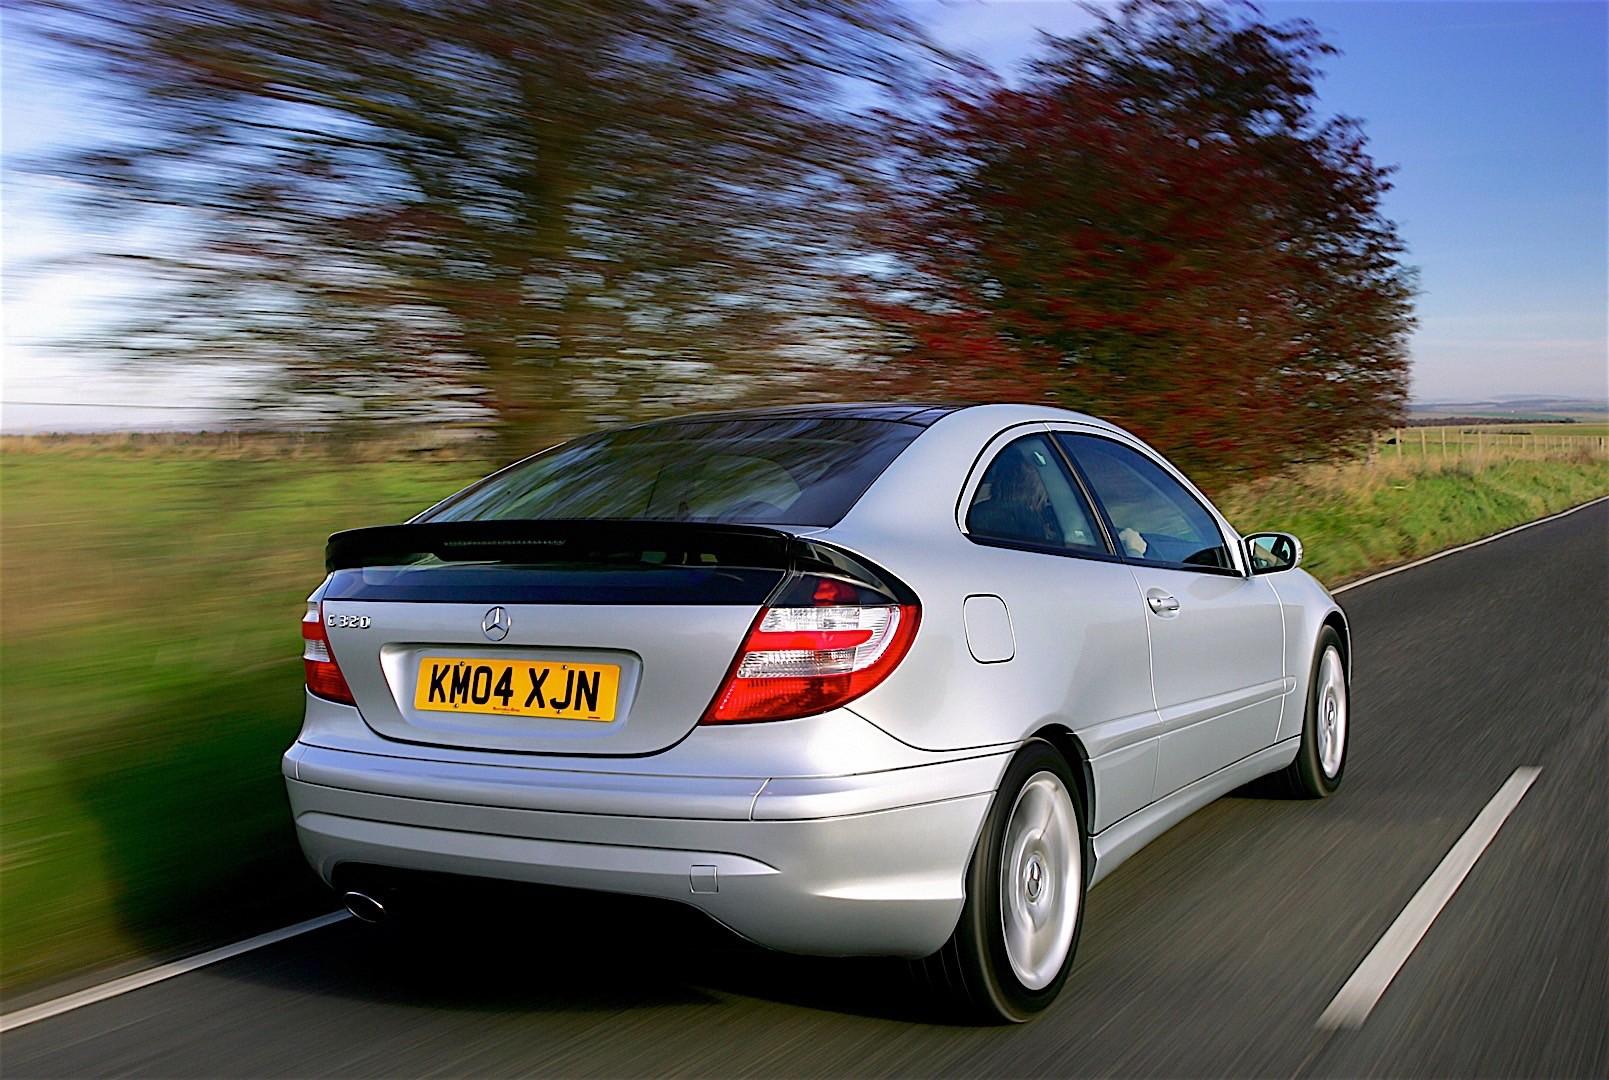 Mercedes benz c klasse sportcoupe w203 specs photos 2004 2005 2006 2007 autoevolution - Mercedes benz c class sport coupe ...